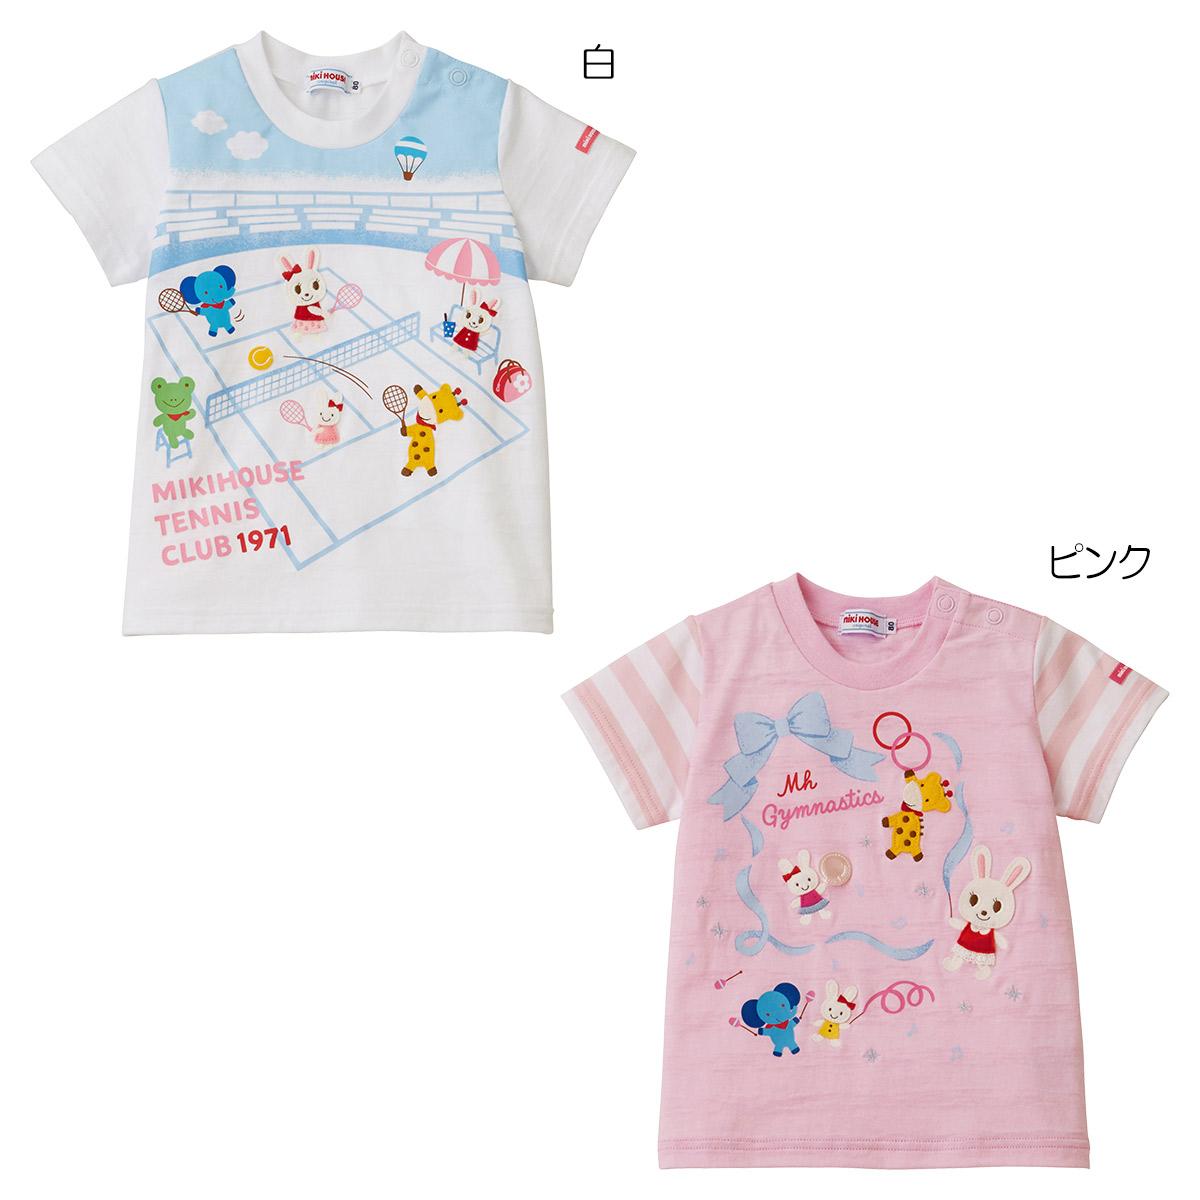 ミキハウス mikihouse 半袖Tシャツ(90cm-100cm)